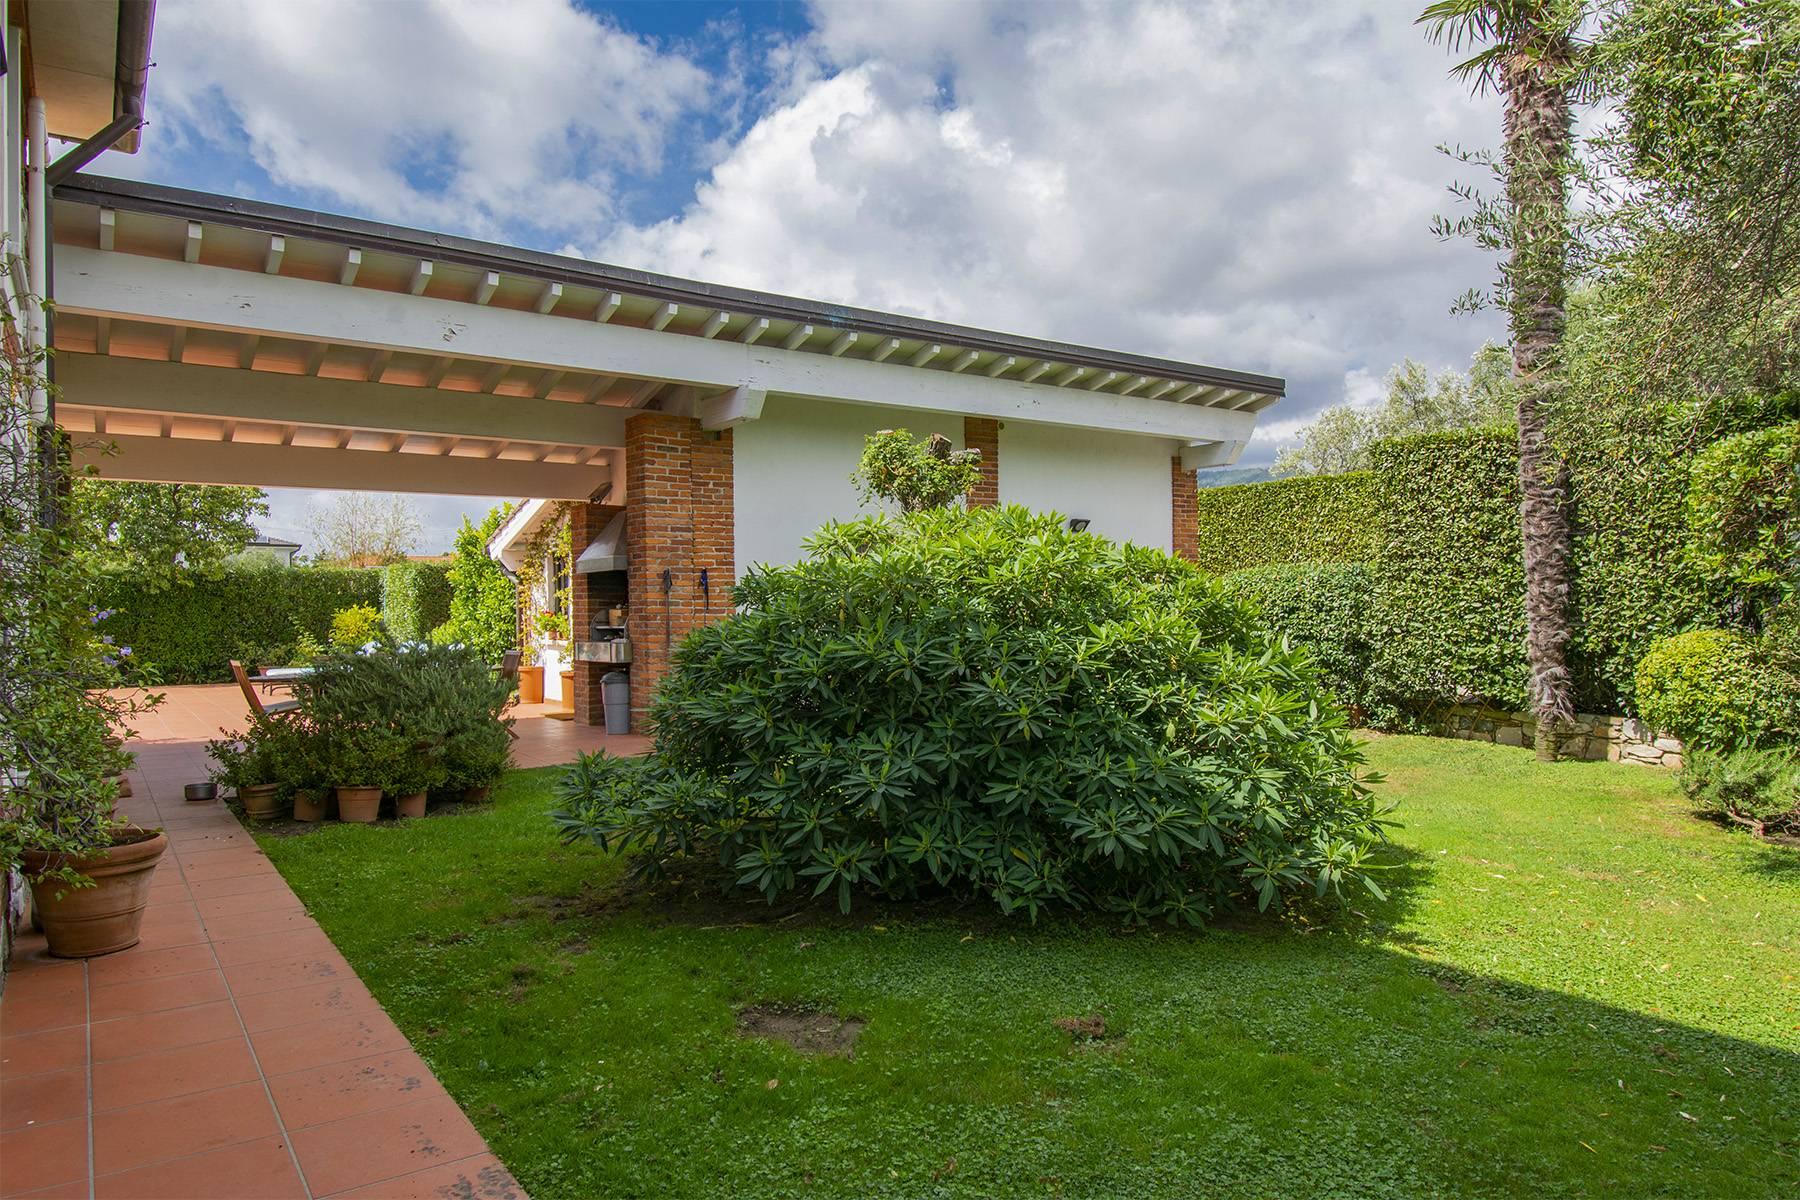 Casa indipendente in Vendita a Pietrasanta: 5 locali, 280 mq - Foto 15